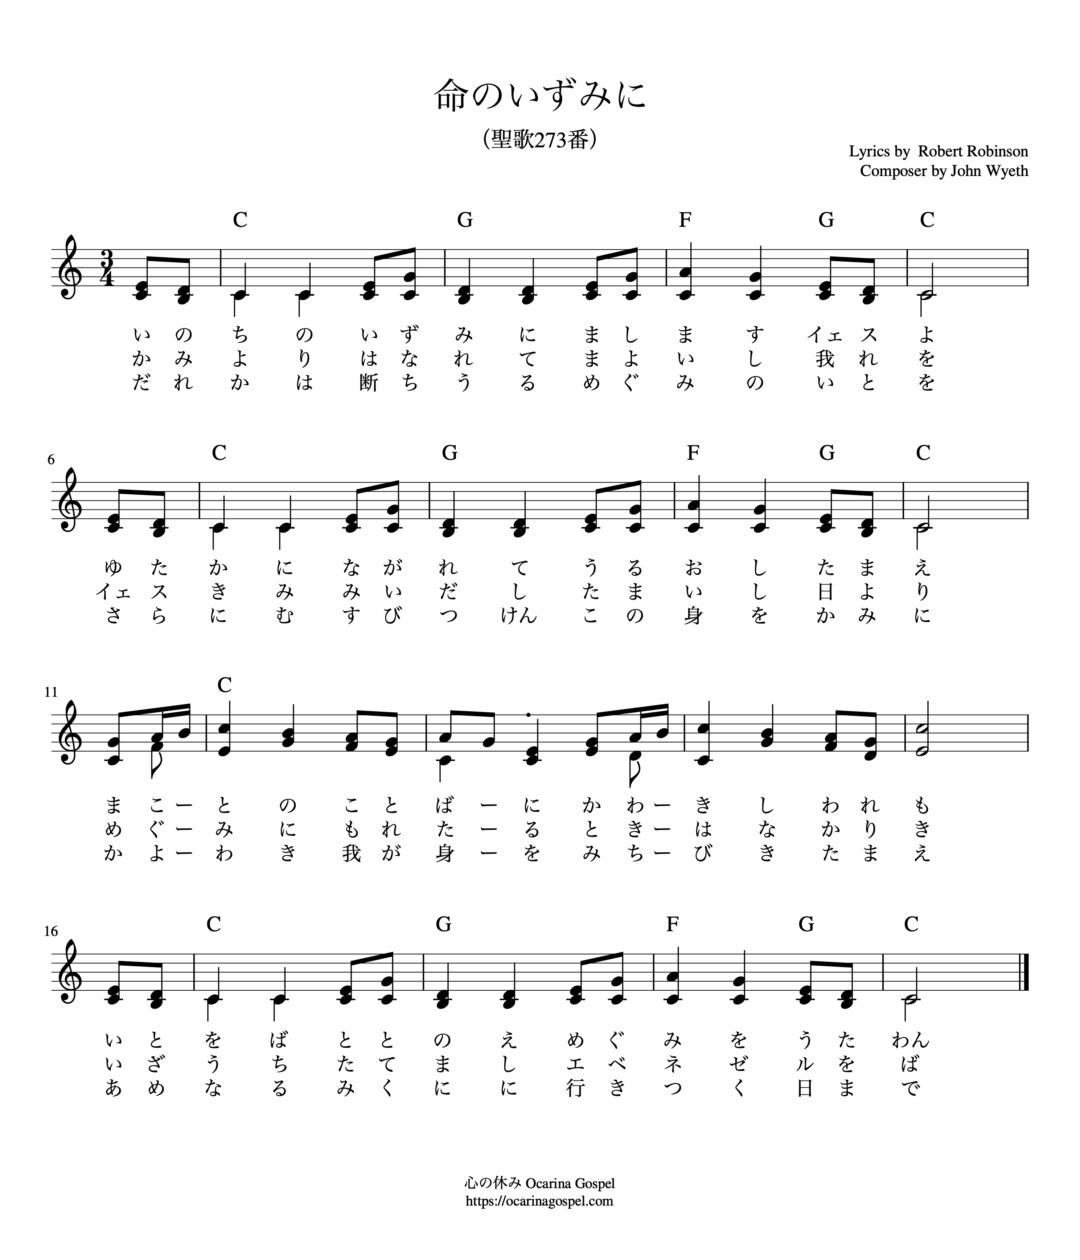 いのちの泉に 楽譜